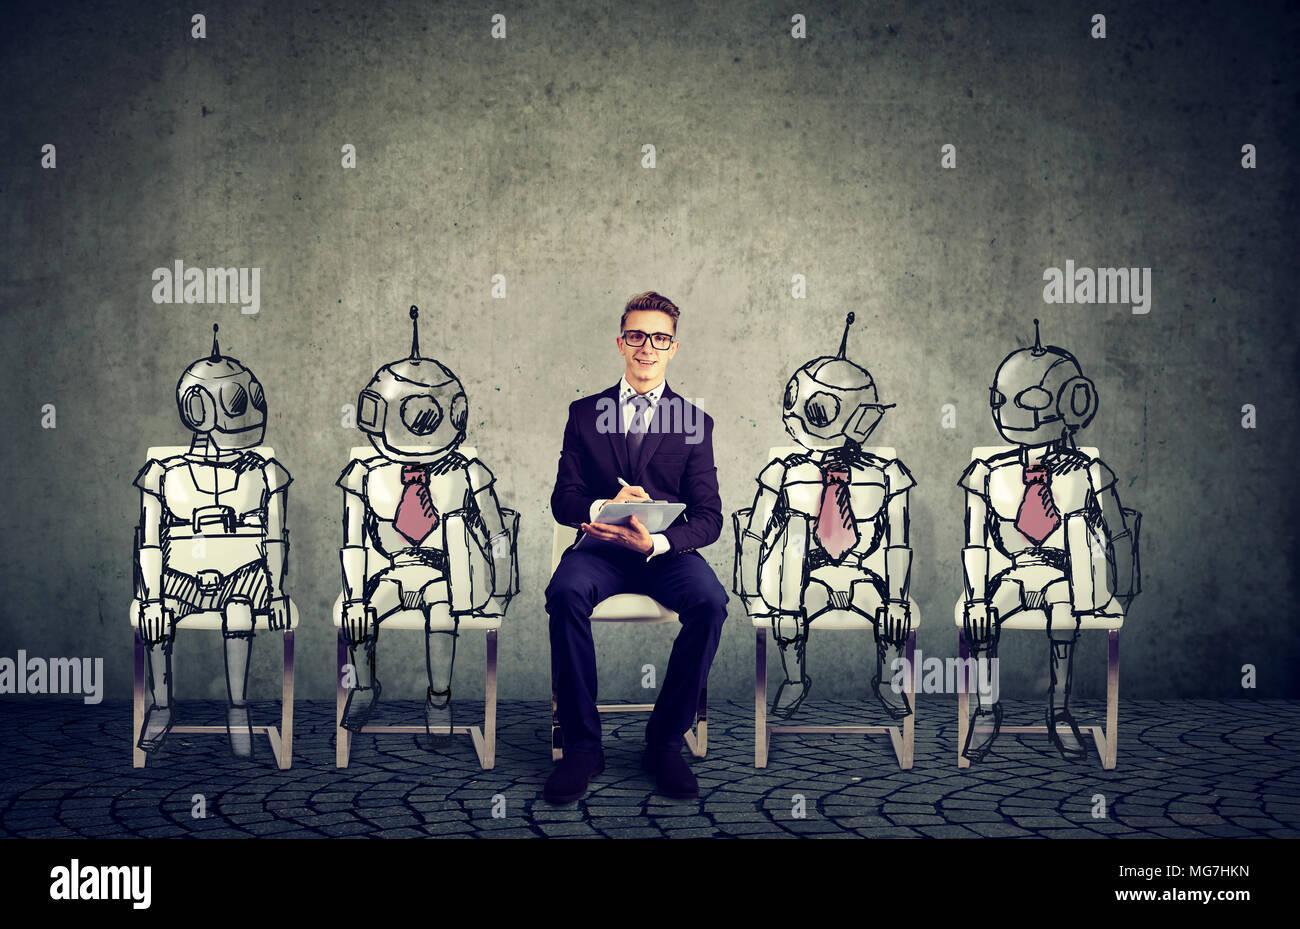 Concepto de Robots vs humanos. Empresa solicitante de empleo compitiendo con inteligencia artificial Foto de stock